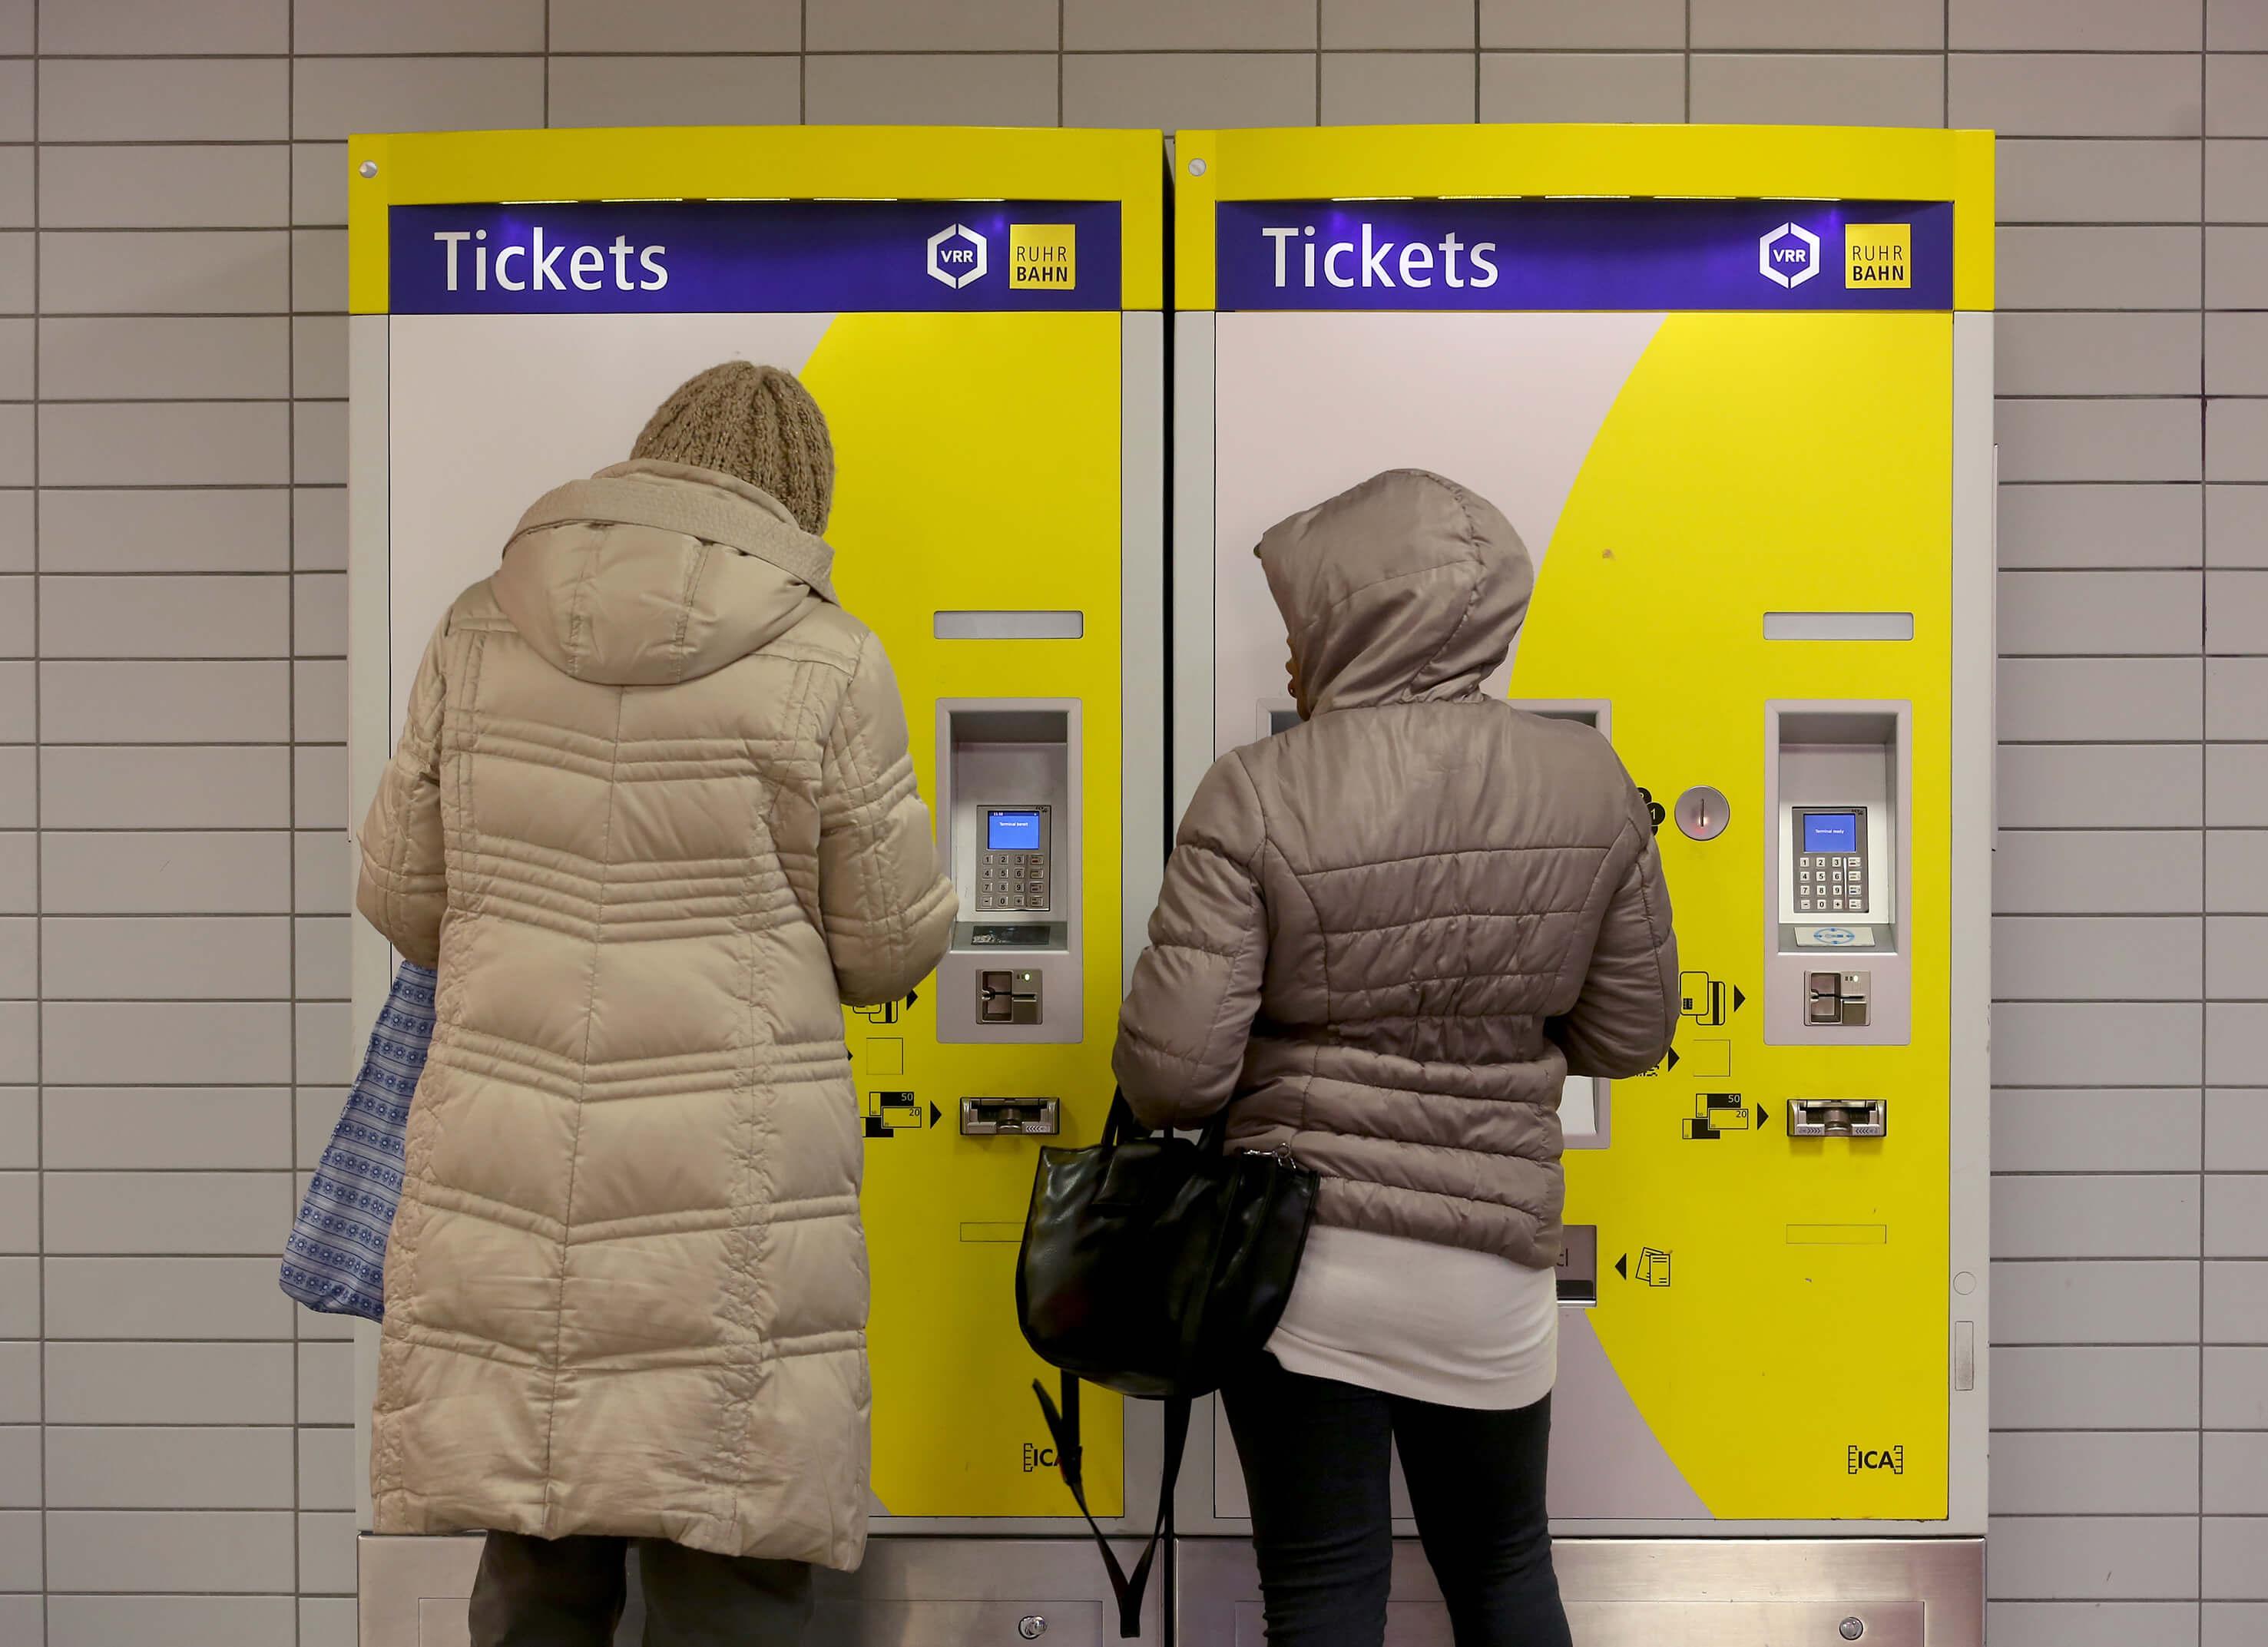 vrr ticketpreise 2020